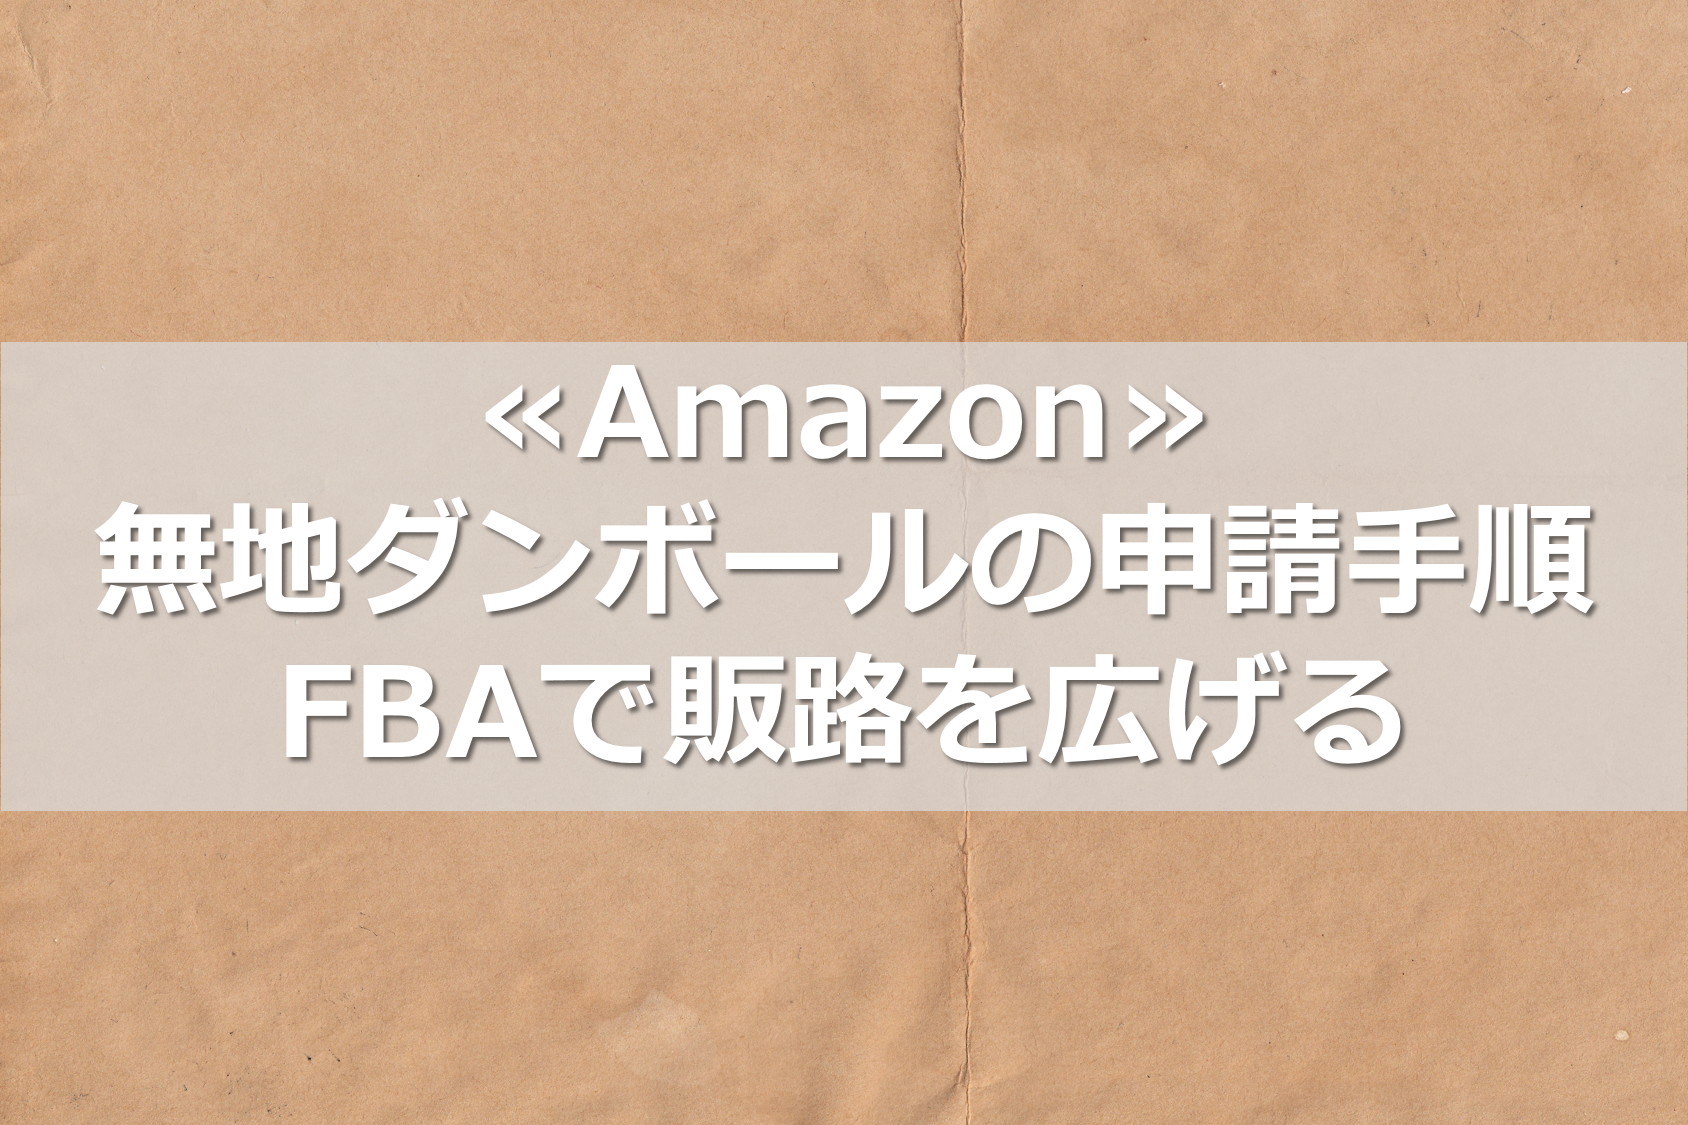 ≪Amazon≫ 無地ダンボールの申請手順 -FBAで販路を広げる-